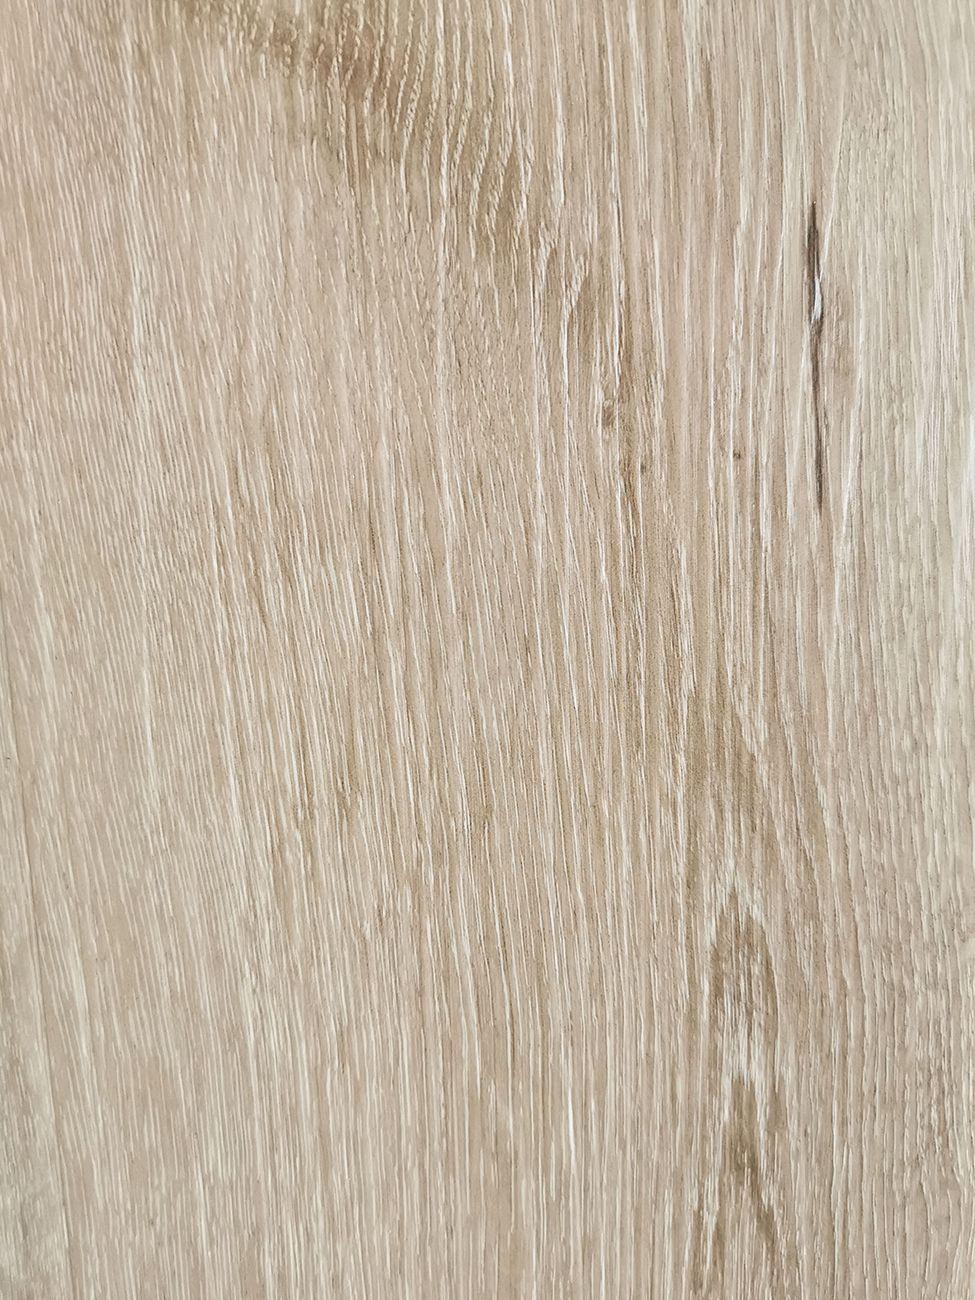 Piso Vinílico SPC - 5 mm - Caixa com 2,196 m² Londres